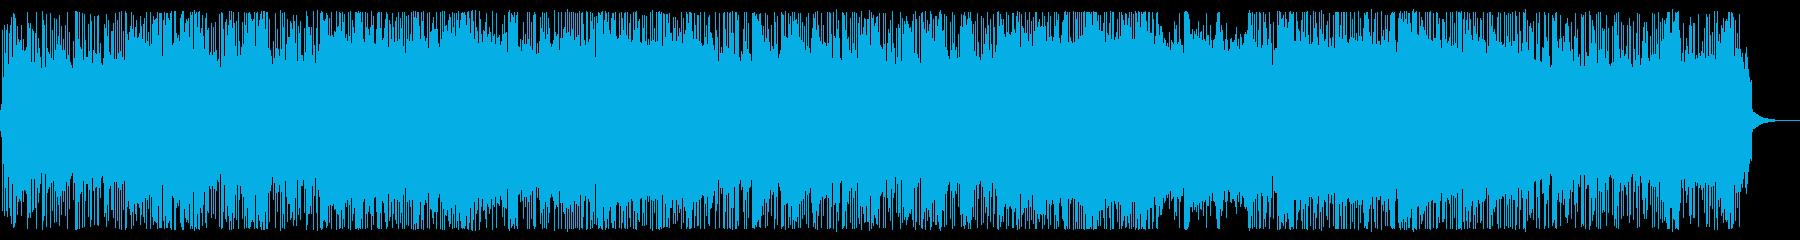 疾走感溢れるリフがエモいLAメタルメロ有の再生済みの波形